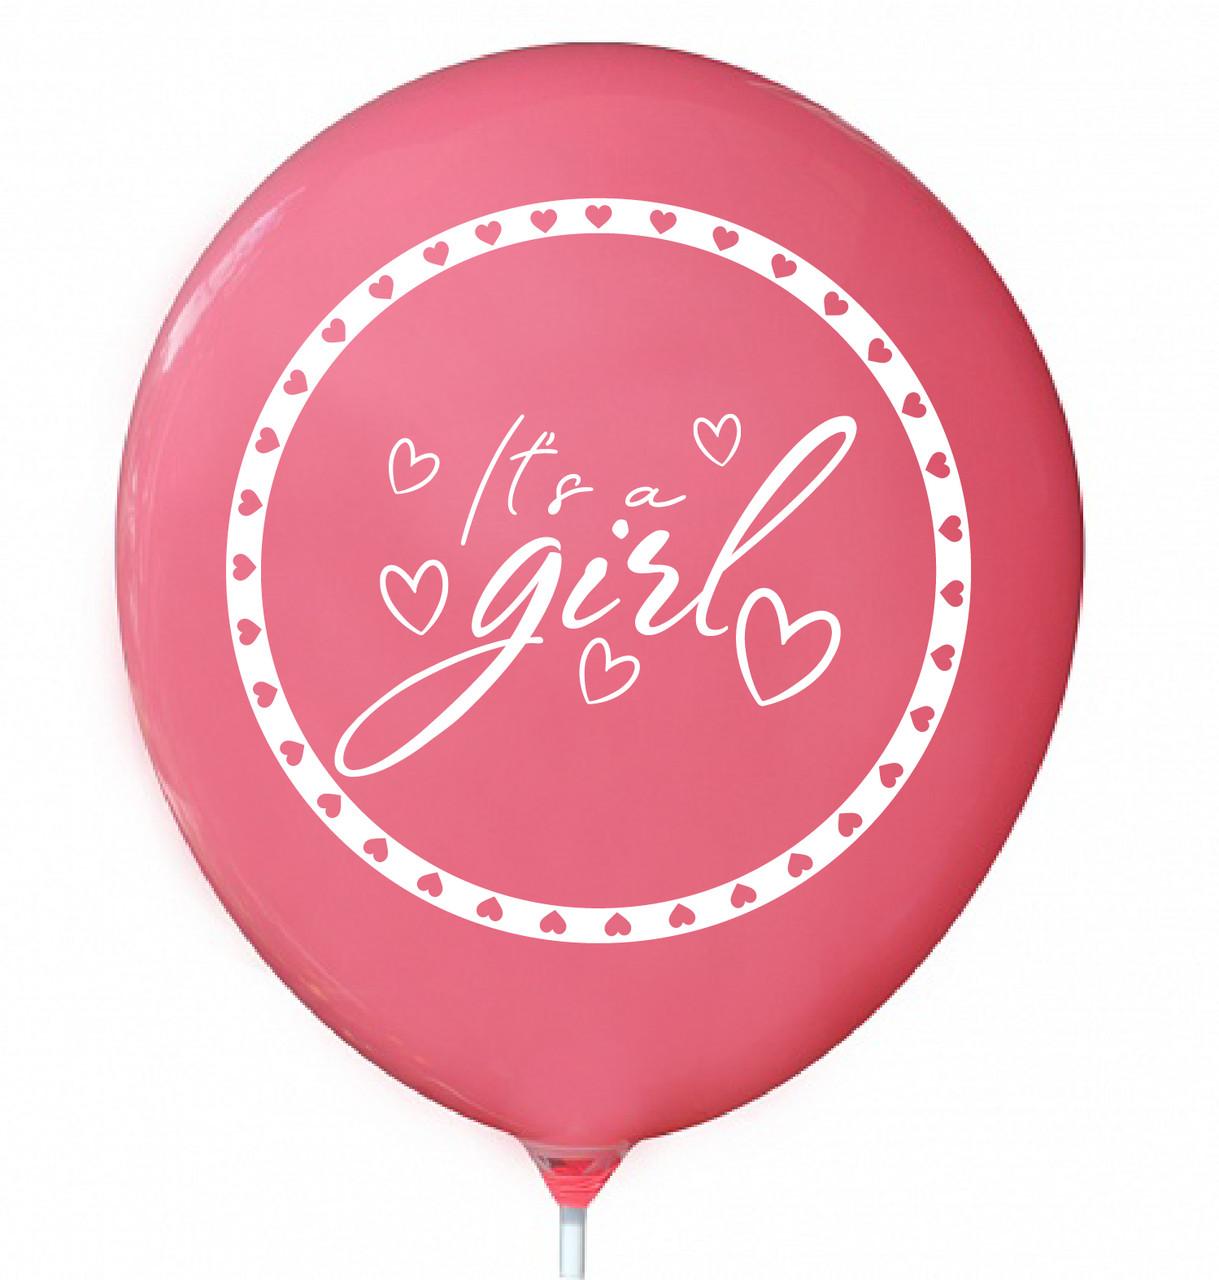 """Латексна кулька 12"""" бабл гам з двостороннім білим малюнком """"it's a girl"""" (КИТАЙ)"""